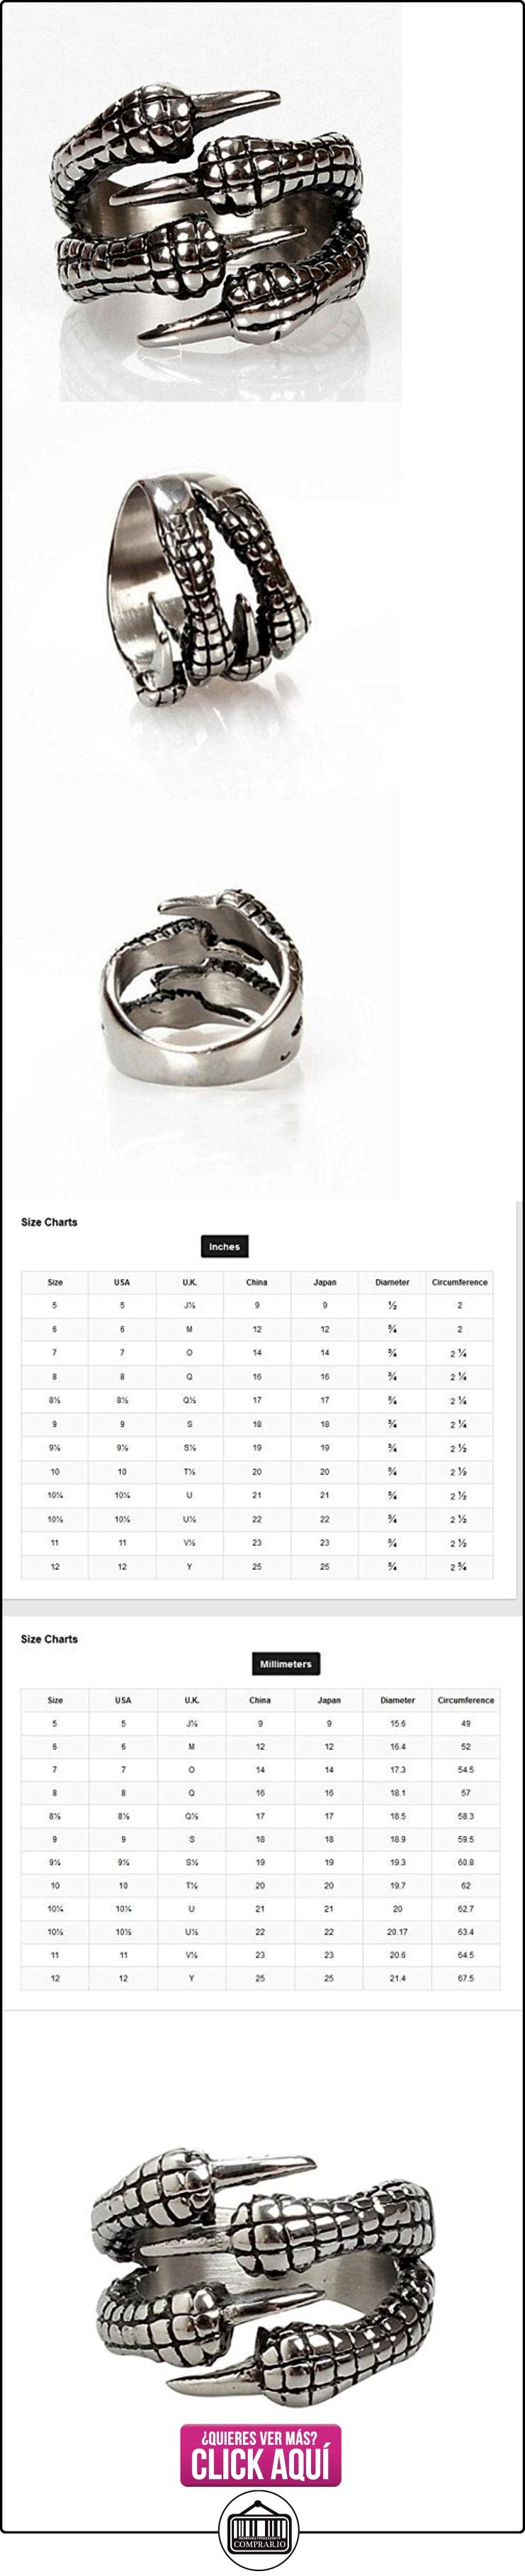 HFJ&YIE&H Anillos Diario Joyas Titanio Acero Anillos de Diseño7 / 8 / 9 / 10 / 11 Plateado . 10  ✿ Joyas para hombres especiales - lujo ✿ ▬► Ver oferta: https://comprar.io/goto/B01MXTMAHF